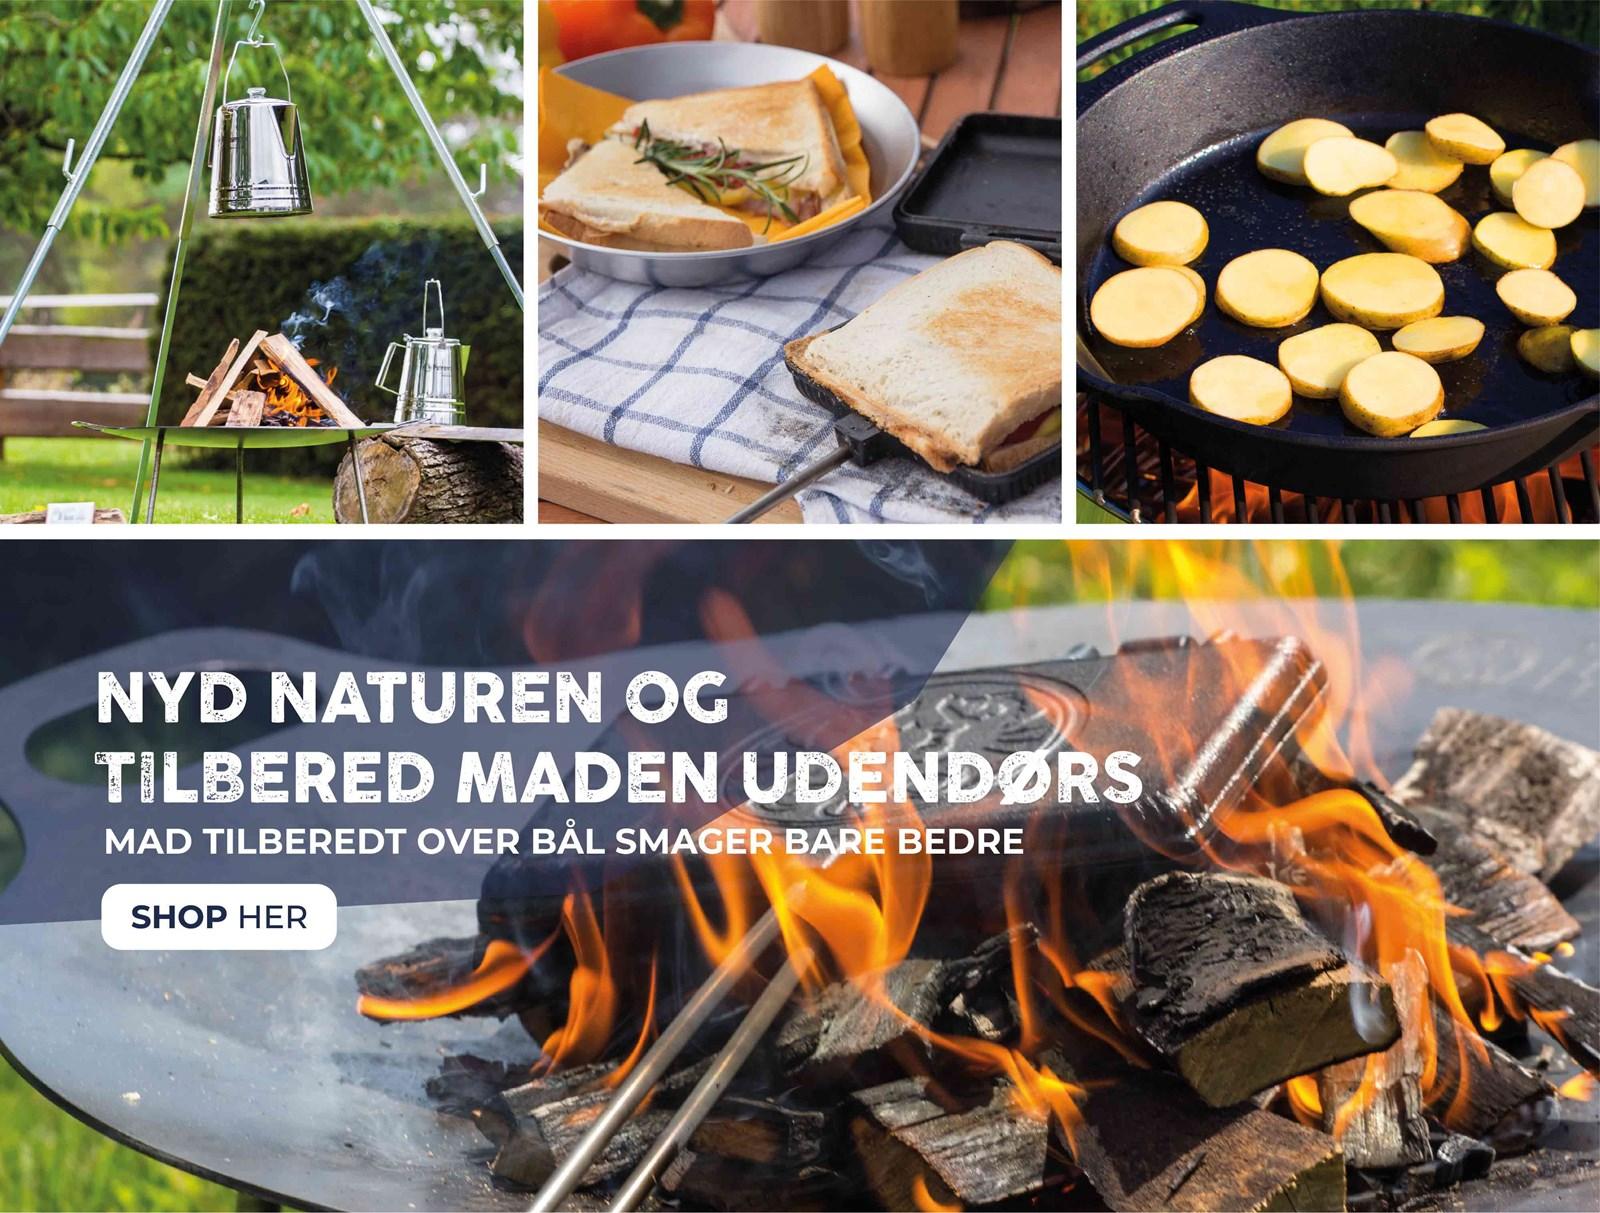 Nyd naturen og tilbered maden udendørs - Alt i båludstyr